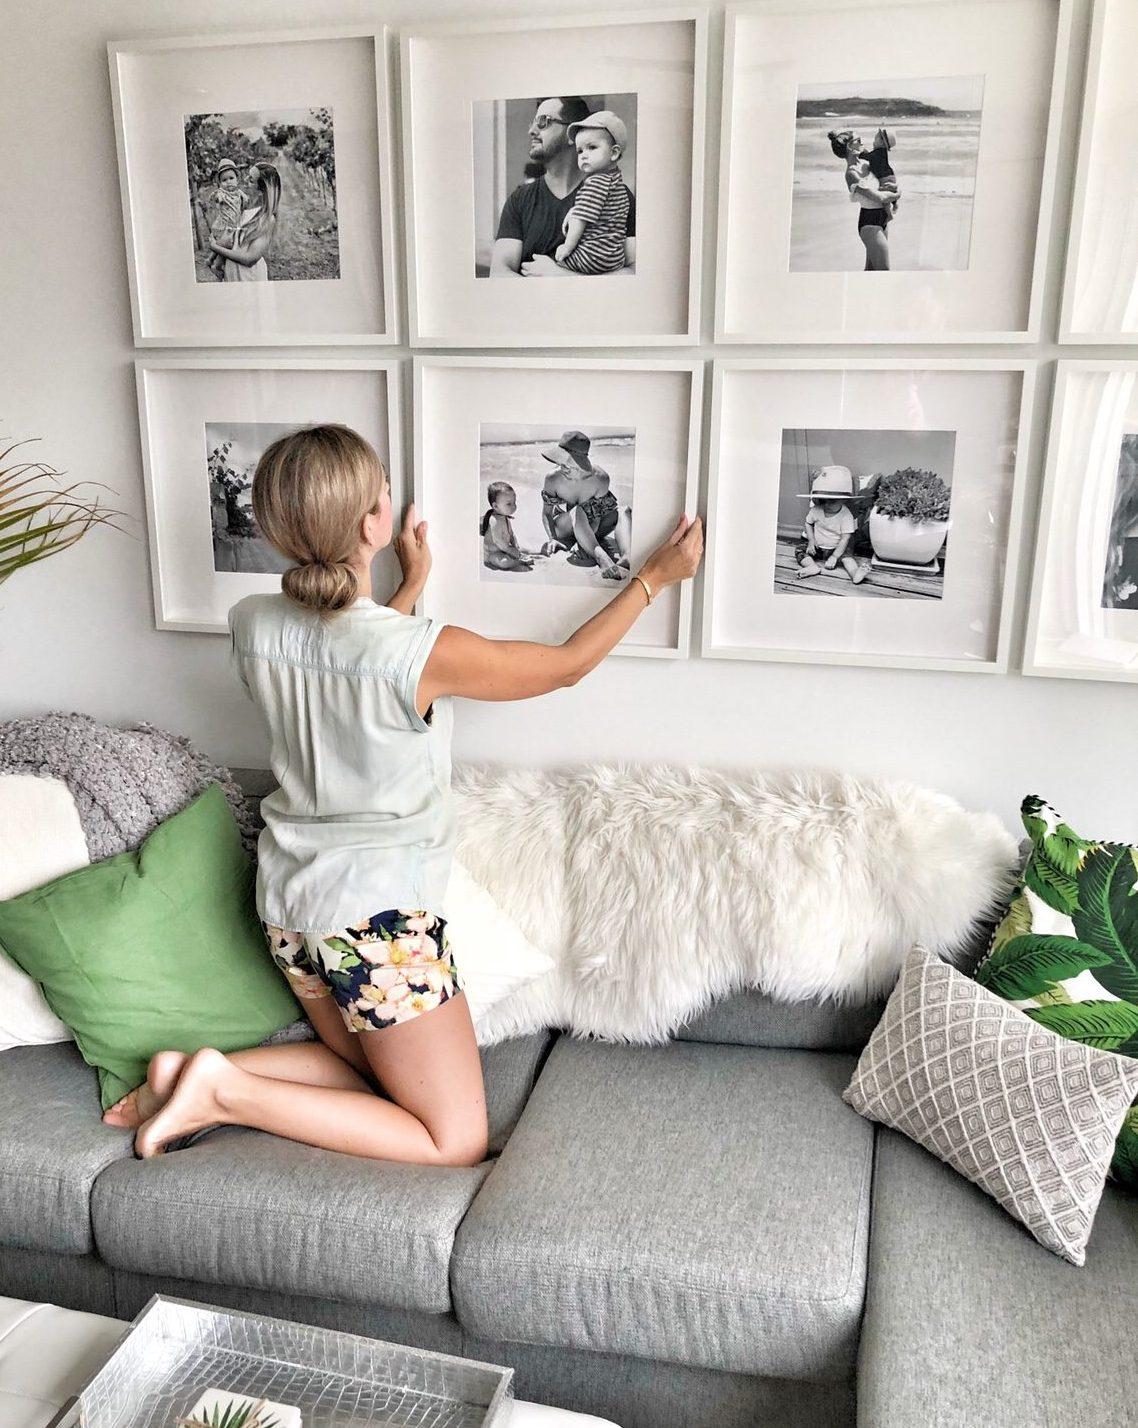 Groovy How To Create A Grid Style Gallery Wall Of Family Photos Creativecarmelina Interior Chair Design Creativecarmelinacom